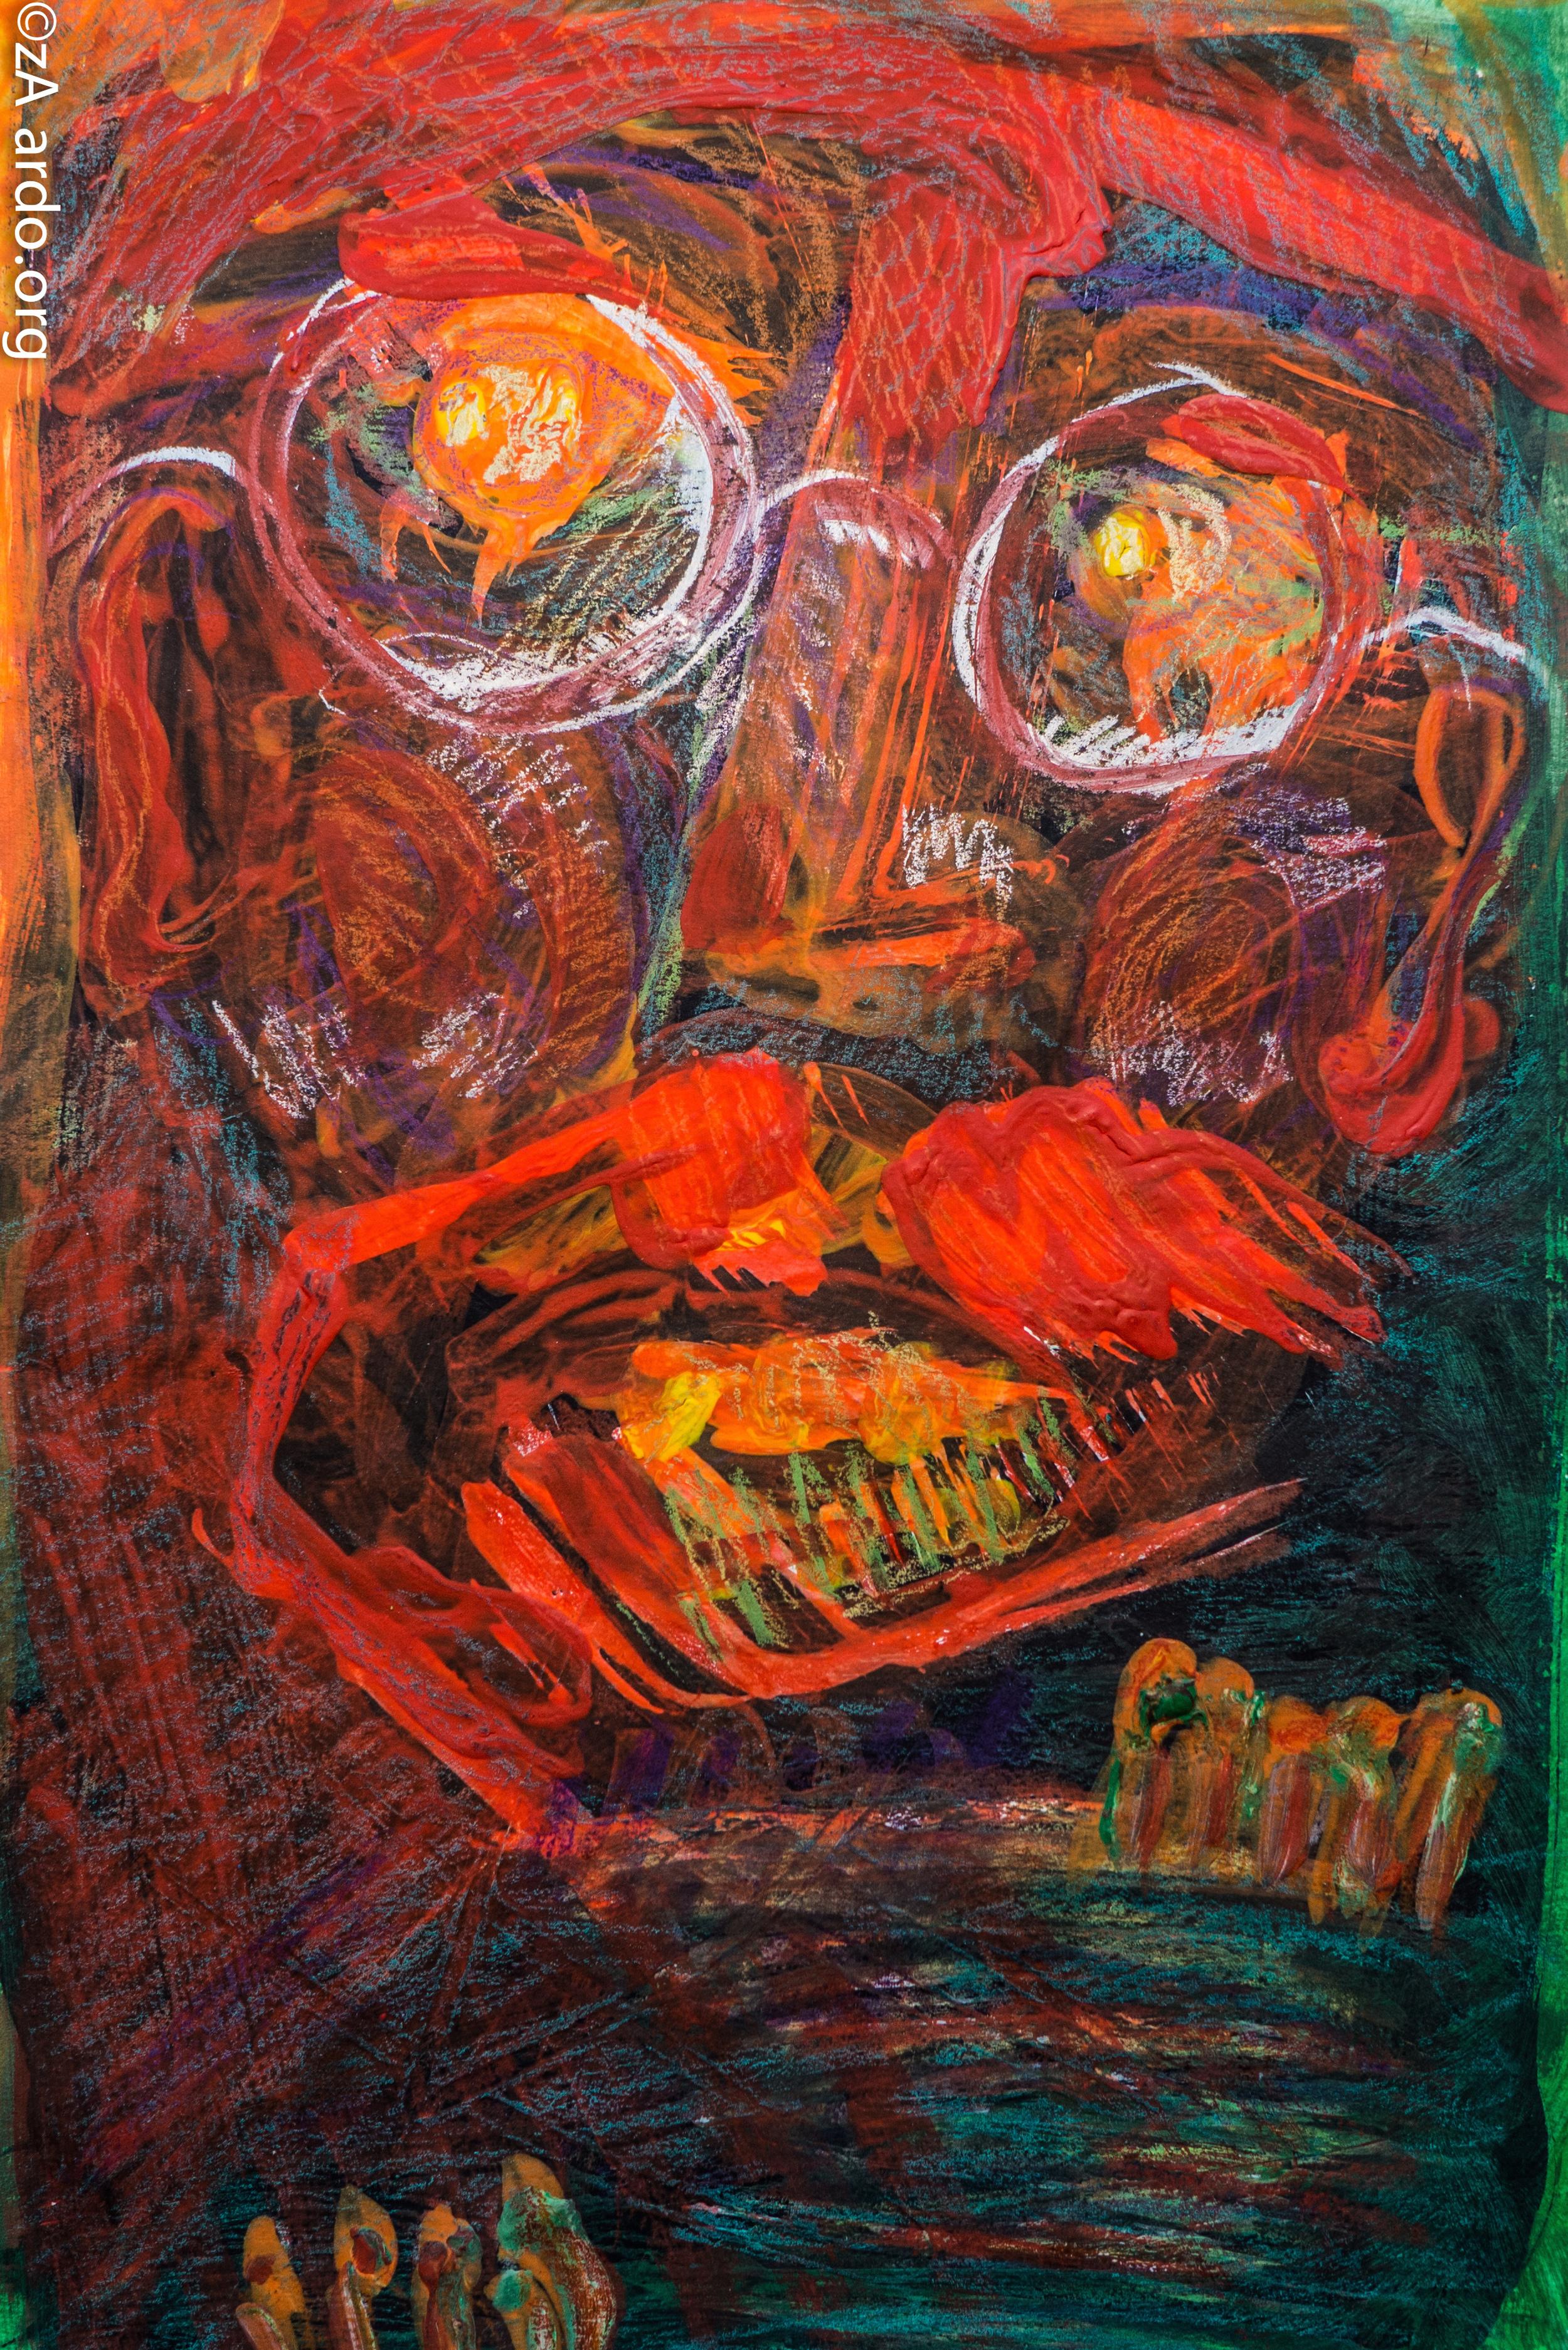 Under the skin portraits 6apr15©zARDO-9.jpg